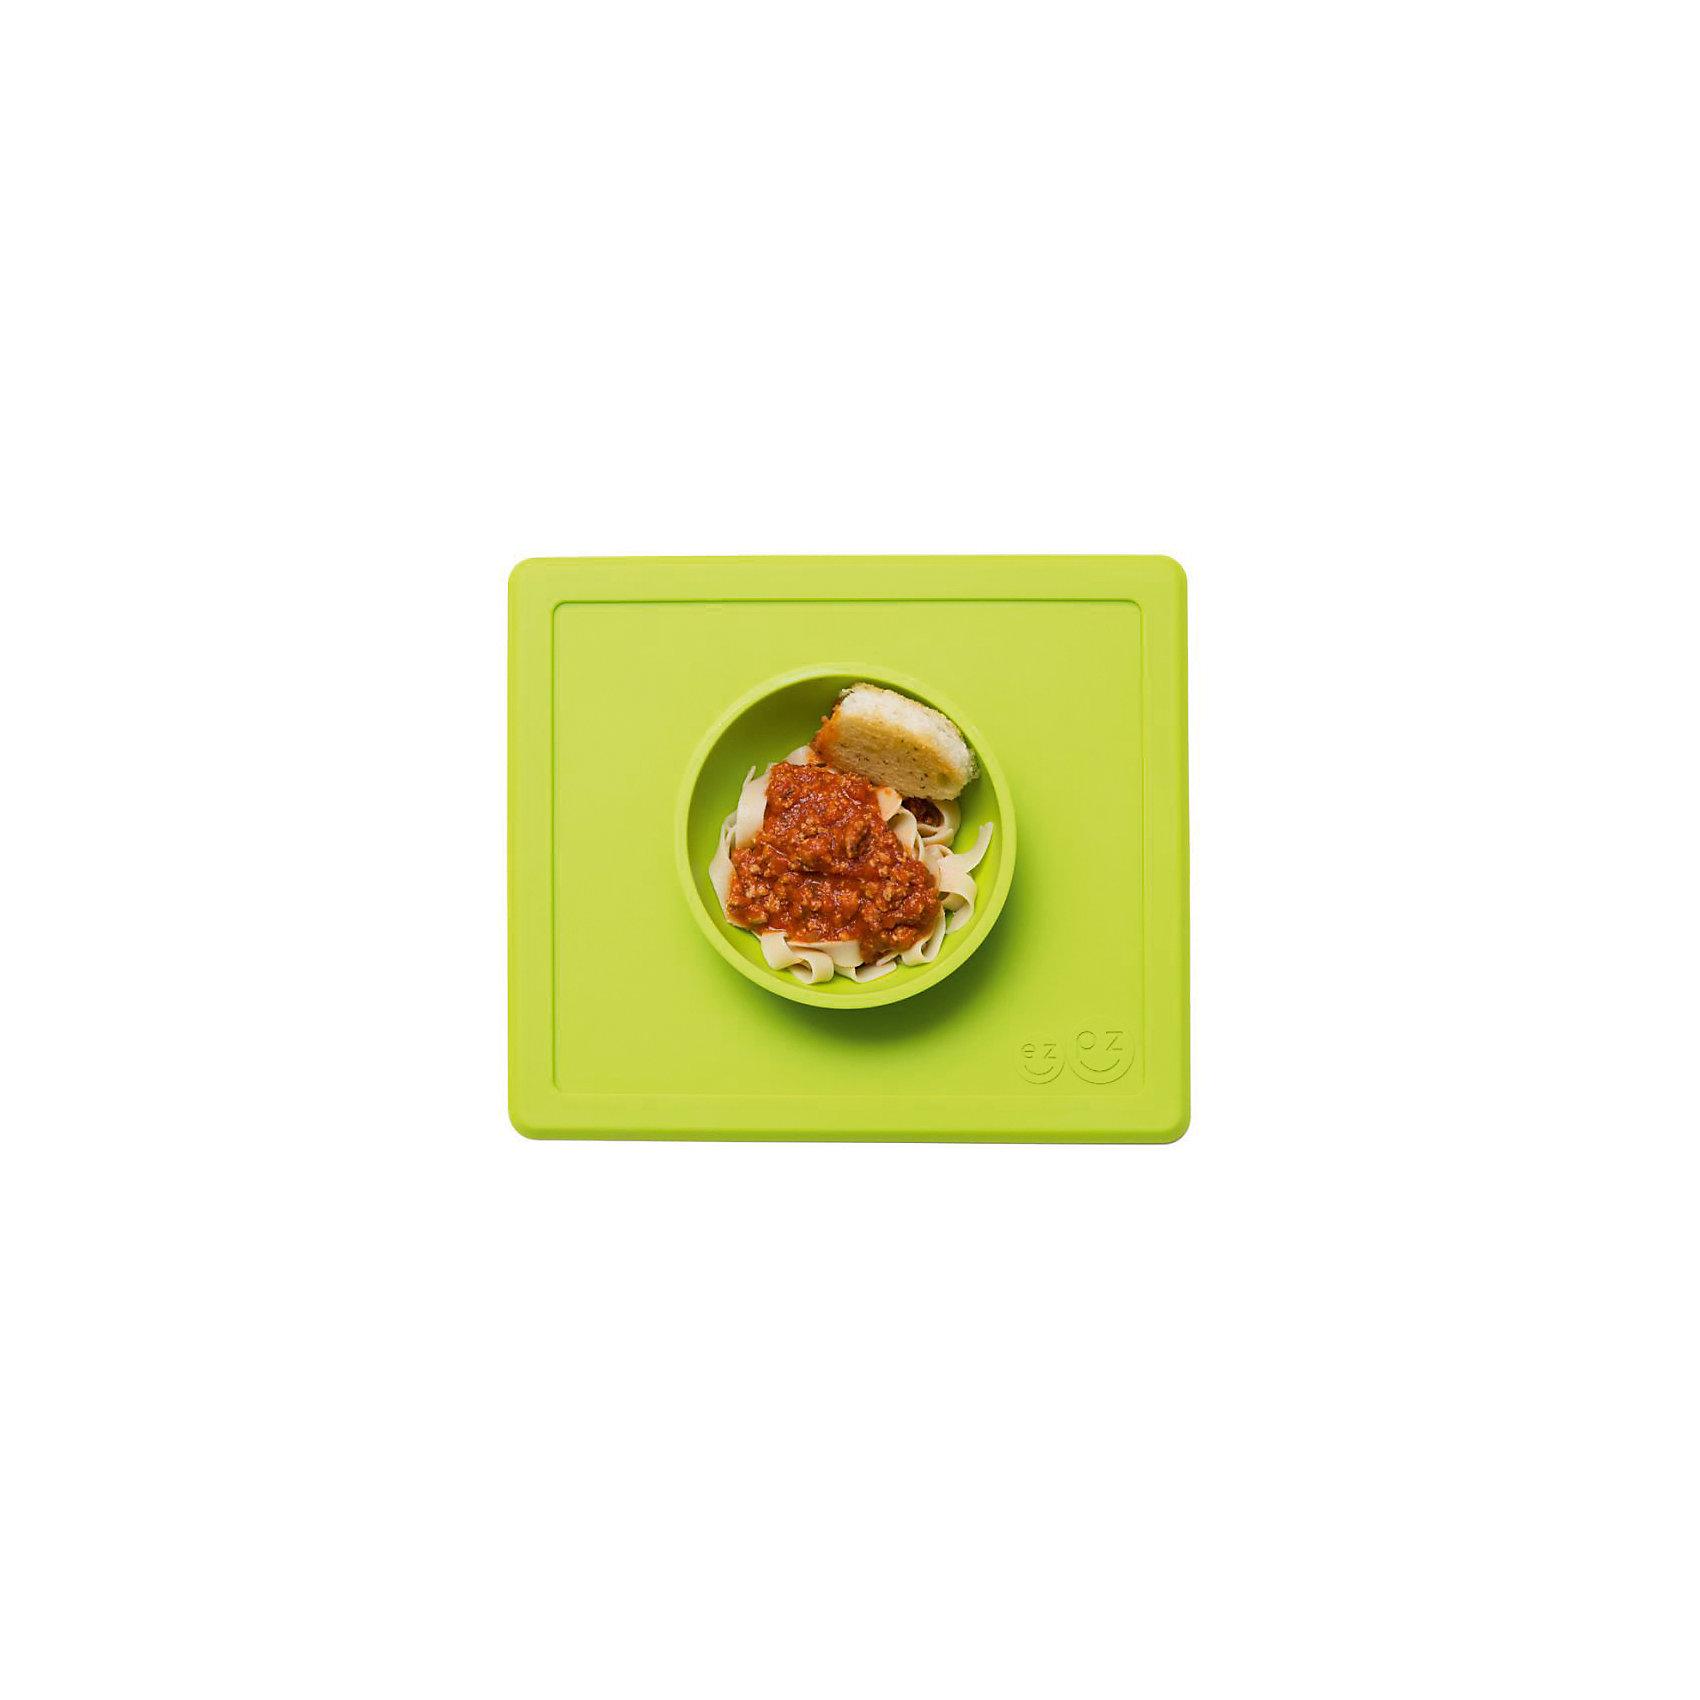 Тарелка с подставкой Happy Bowl, ezpz, зеленыйТарелка с подставкой Happy Bowl, ezpz, зеленый.<br><br>Характеристики:<br>• изготовлена из качественного пищевого силикона<br>• не содержит бисфенол, свинец, фталаты и ПВХ<br>• надежно прикрепляется к столу<br>• не имеет присосок<br>• сгибается по краям<br>• подходит для использования в посудомоечной машине и микроволновой печи<br>• состав: 100% силикон<br>• размер: 26,5х22,5х3,5 см<br>• объем: 240 мл<br>• цвет: зеленый<br><br>Тарелка с подставкой Happy Bowl, ezpz отлично подойдет для детей, которые только учатся есть аккуратно. Вы можете налить ребенку суп в чашу и не бояться, что малыш прольет его, ведь тарелка надежно крепится к столу за счет своего веса. По краям мата вы сможете положить хлеб, чашку или столовые приборы. Тарелку можно греть в микроволновой печи и мыть в посудомоечной машине, что еще больше облегчает ее использование. <br><br>Тарелку с подставкой Happy Bowl, ezpz, зеленый можно приобрести в нашем интернет-магазине.<br><br>Ширина мм: 260<br>Глубина мм: 35<br>Высота мм: 225<br>Вес г: 460<br>Возраст от месяцев: 0<br>Возраст до месяцев: 36<br>Пол: Унисекс<br>Возраст: Детский<br>SKU: 5068710